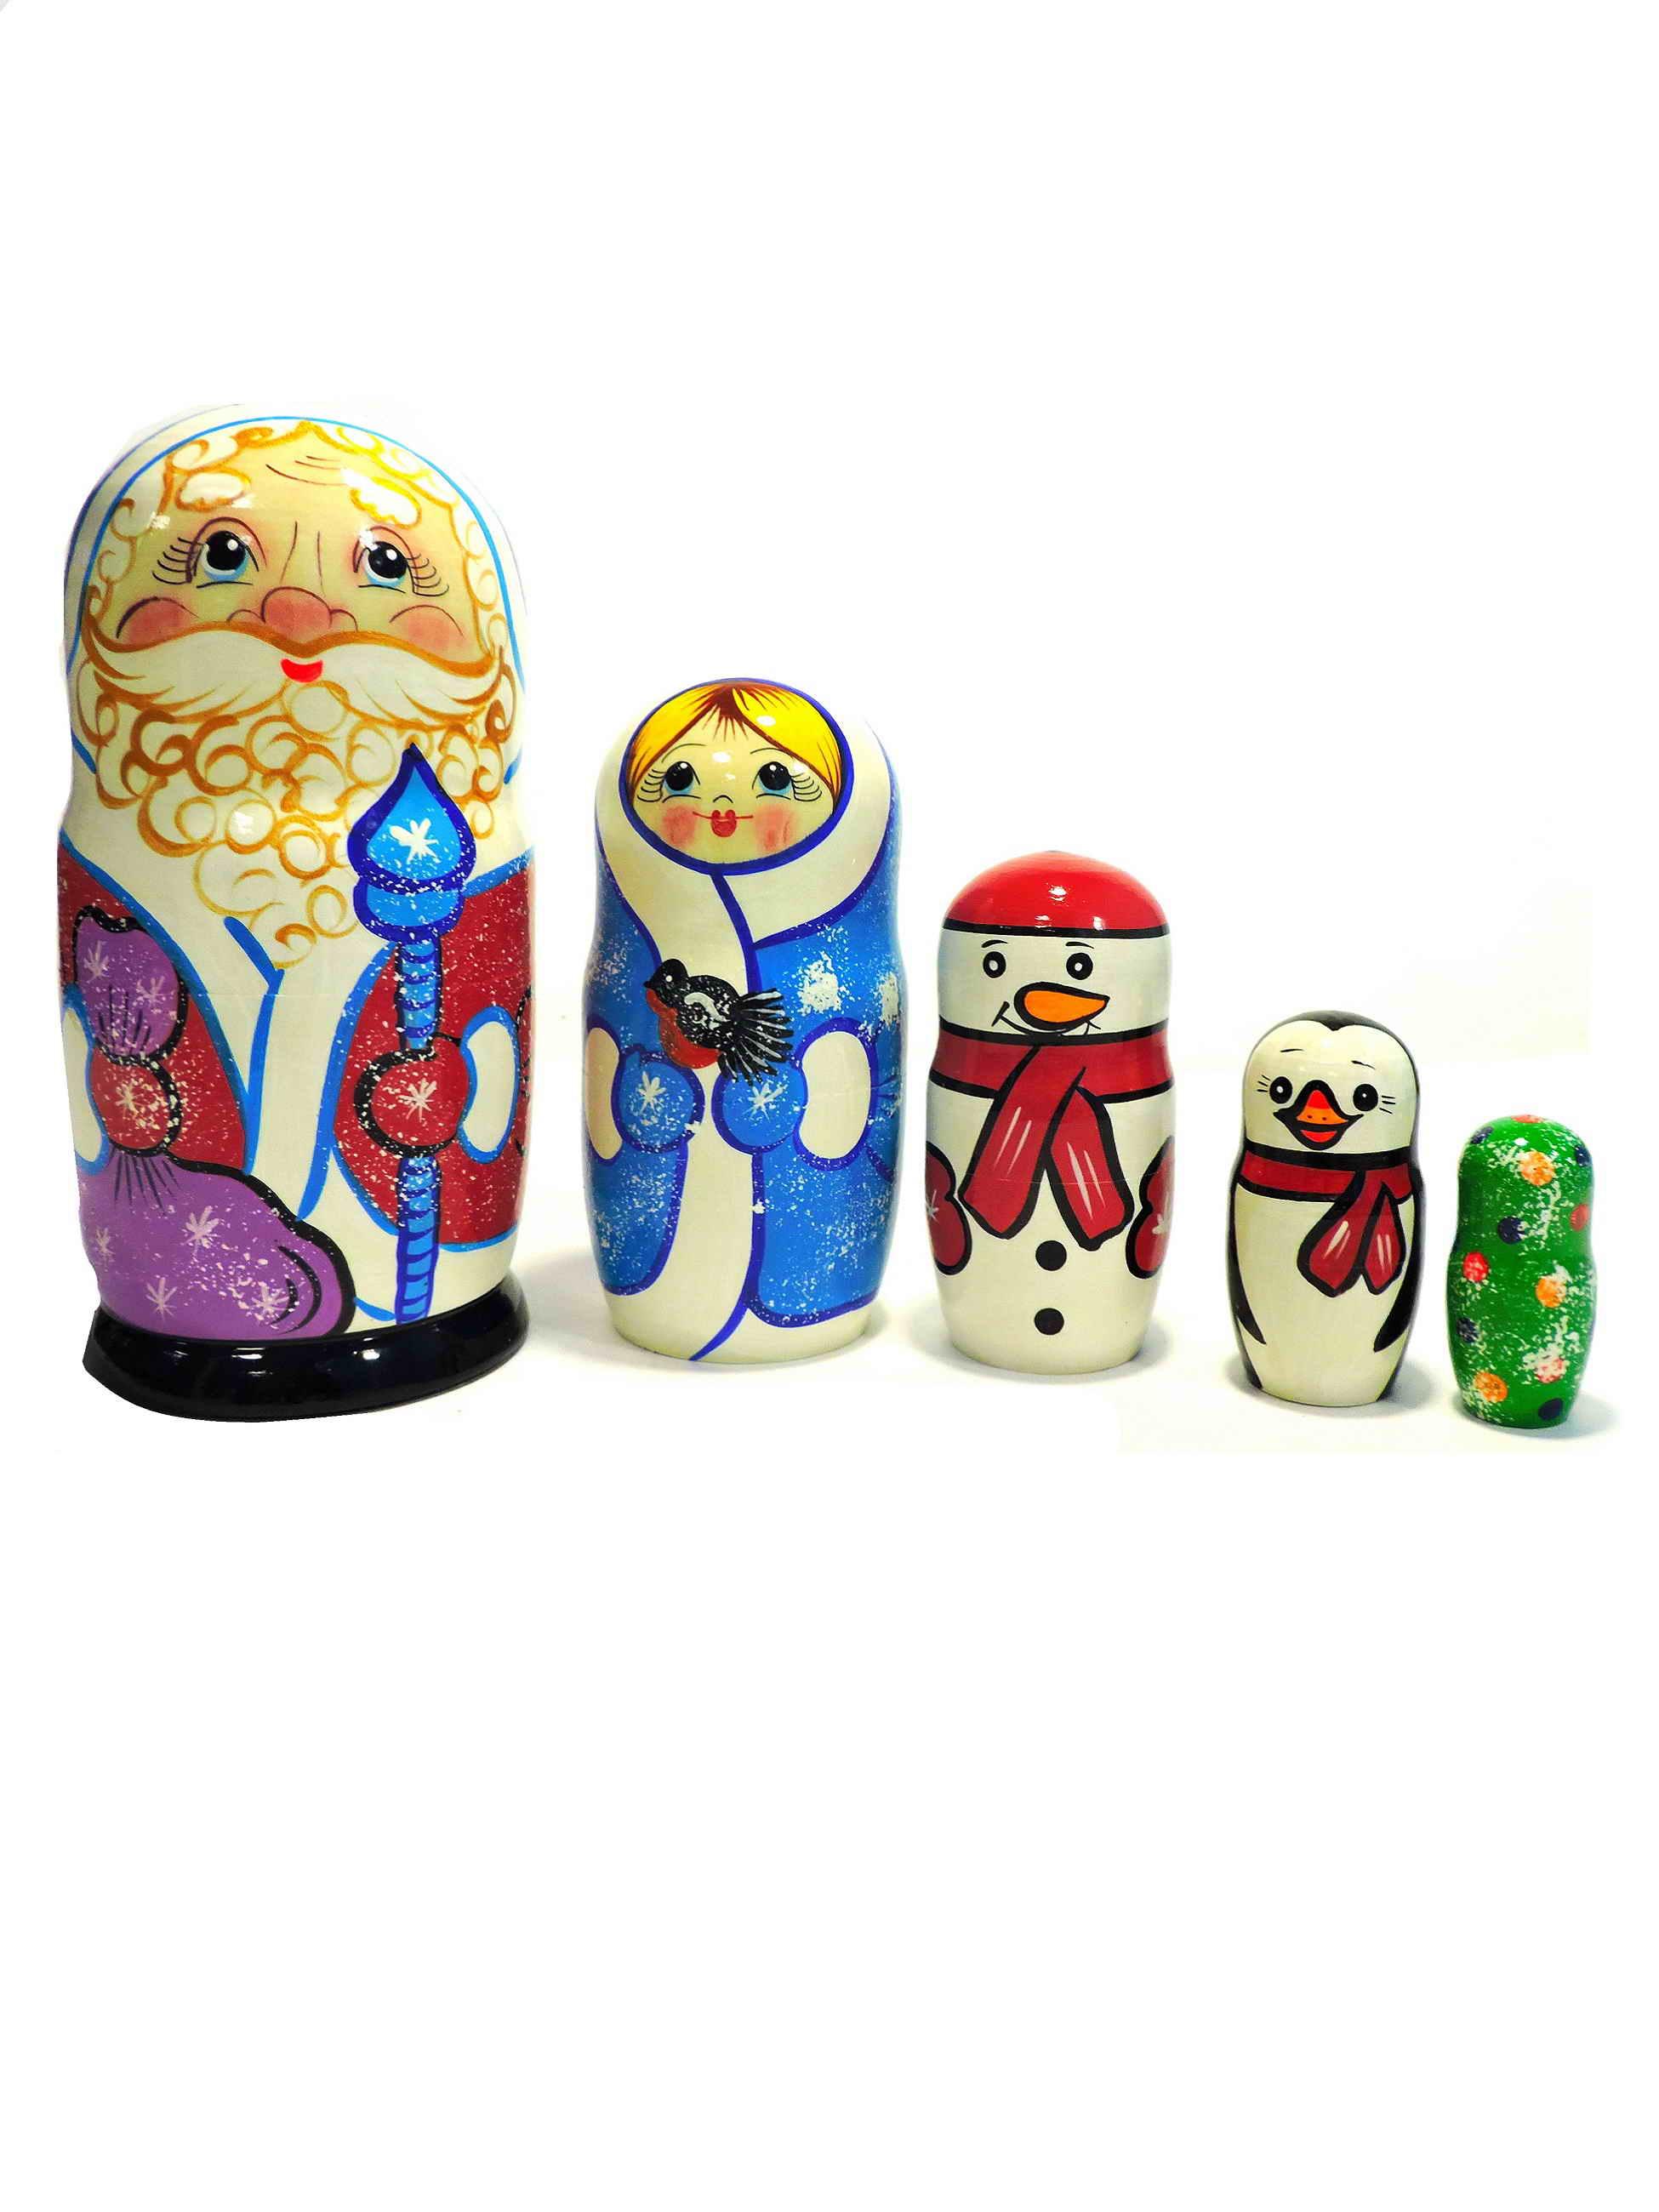 Матрешка. Дед Мороз (фиолетовый мешок)